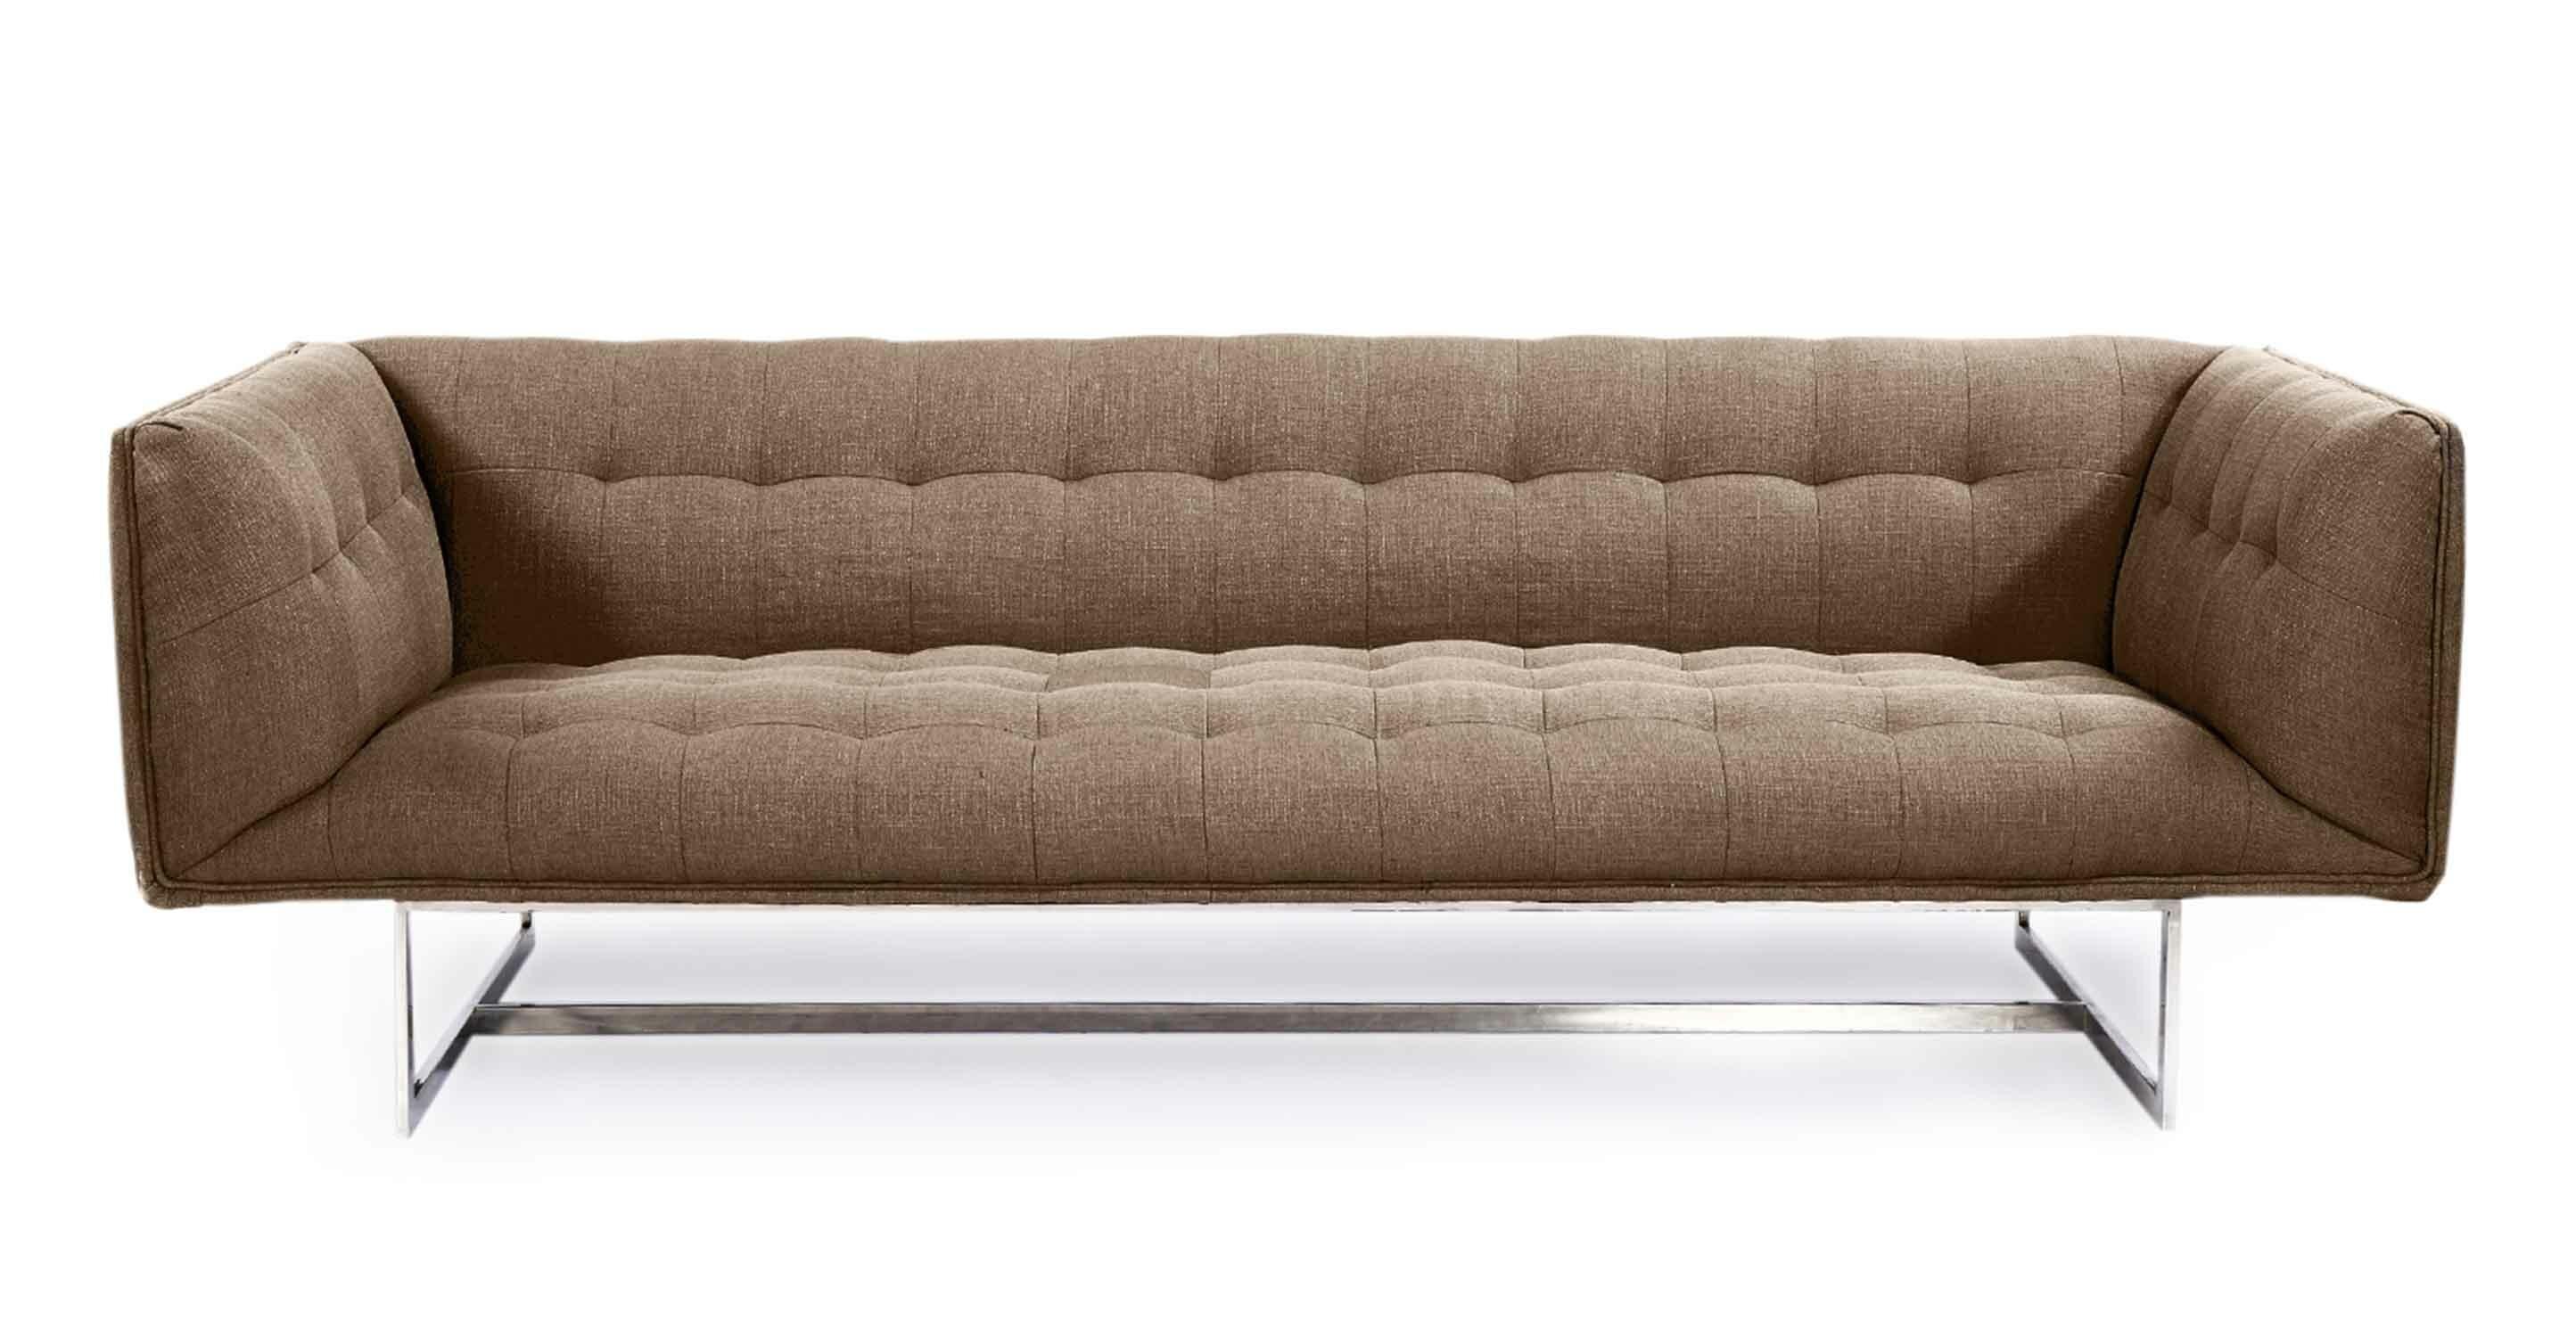 Orren Ellis Shaner Mid Century Modern Chesterfield Sofa & Reviews ...